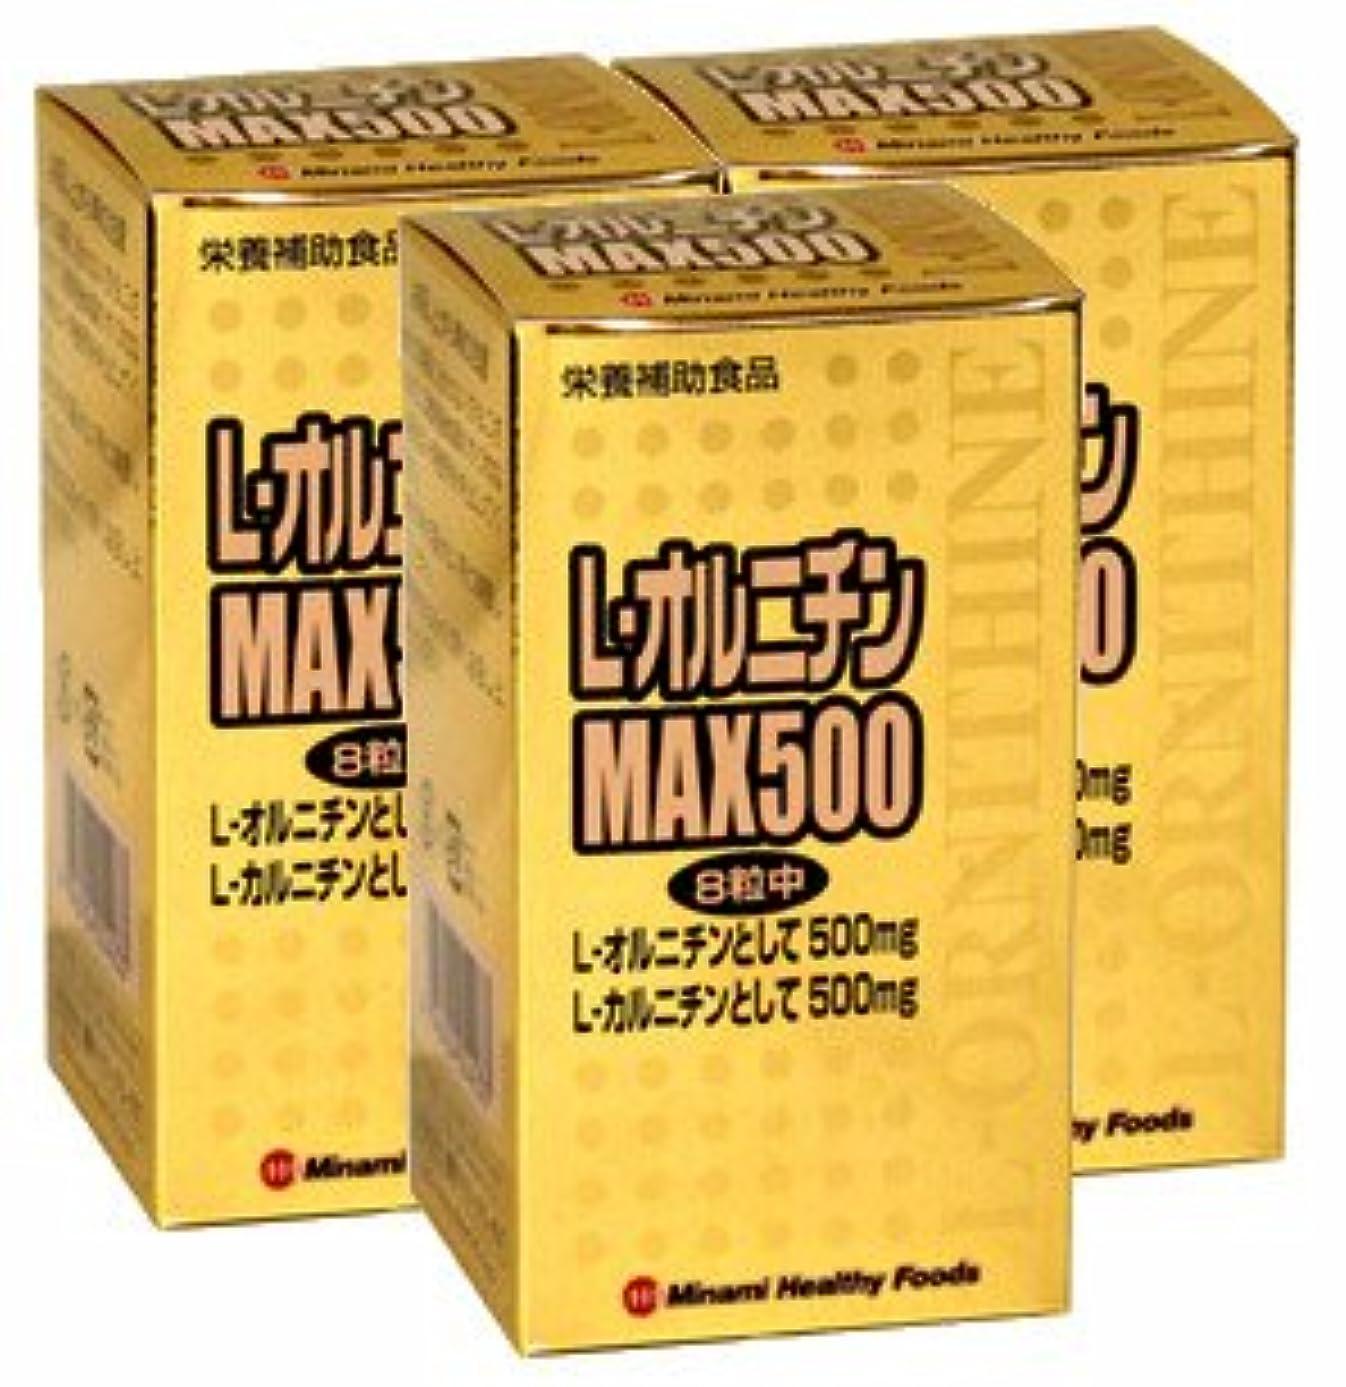 スイ膨らみくまミナミヘルシーフーズ L-オルニチンMAX500 240粒×3個 4945904014233*3